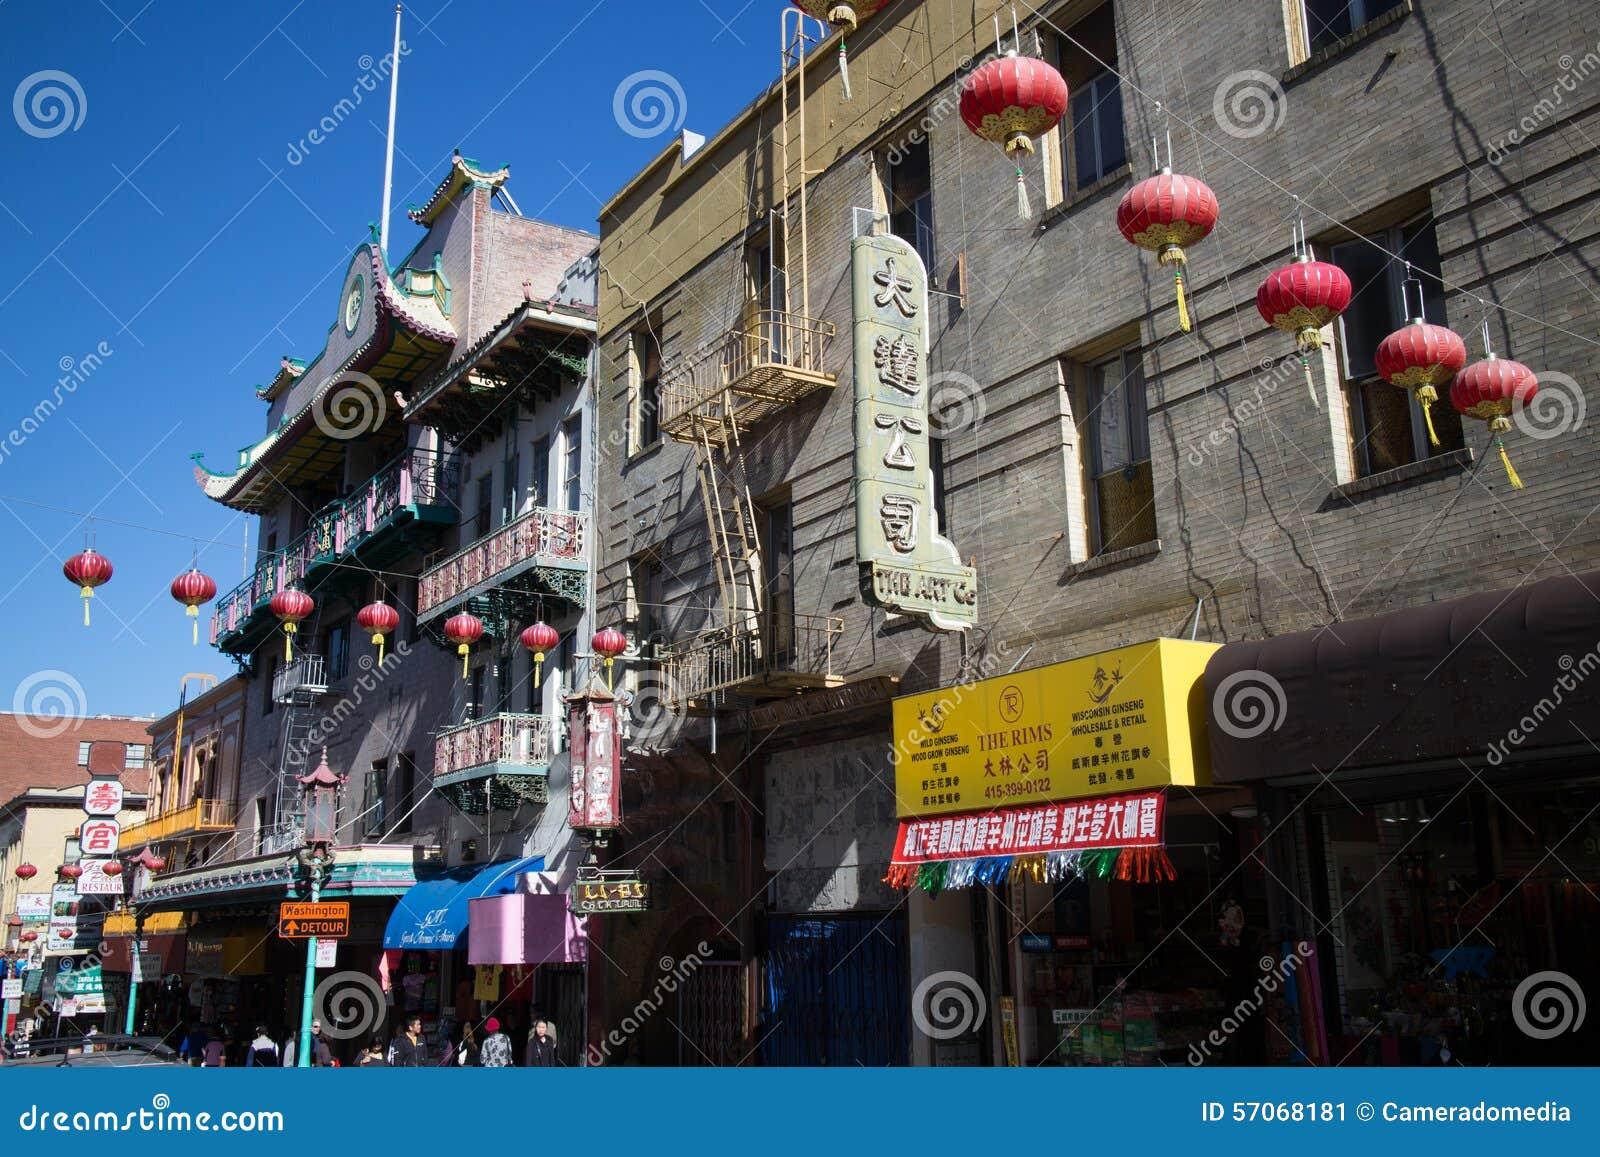 Bredere mening van rode Chinese lantaarns die over een straat in Chinatown, San Francisco hangen